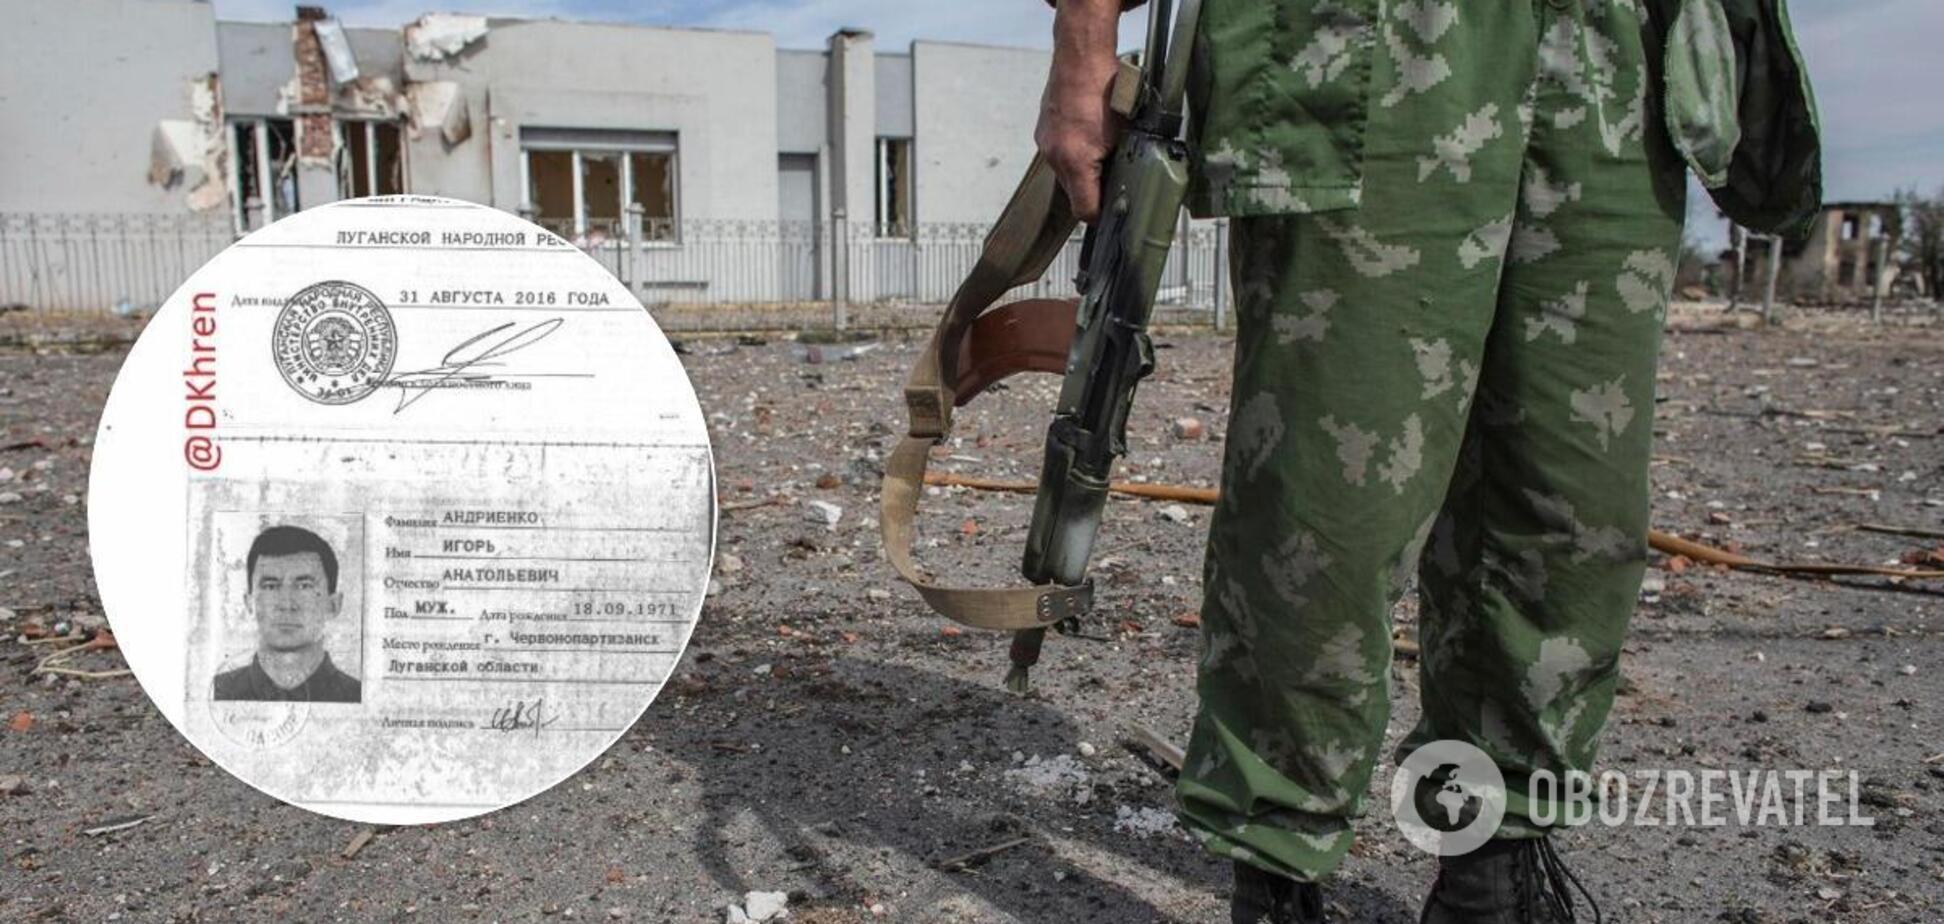 В сети показали личные данные террориста 'ЛНР'